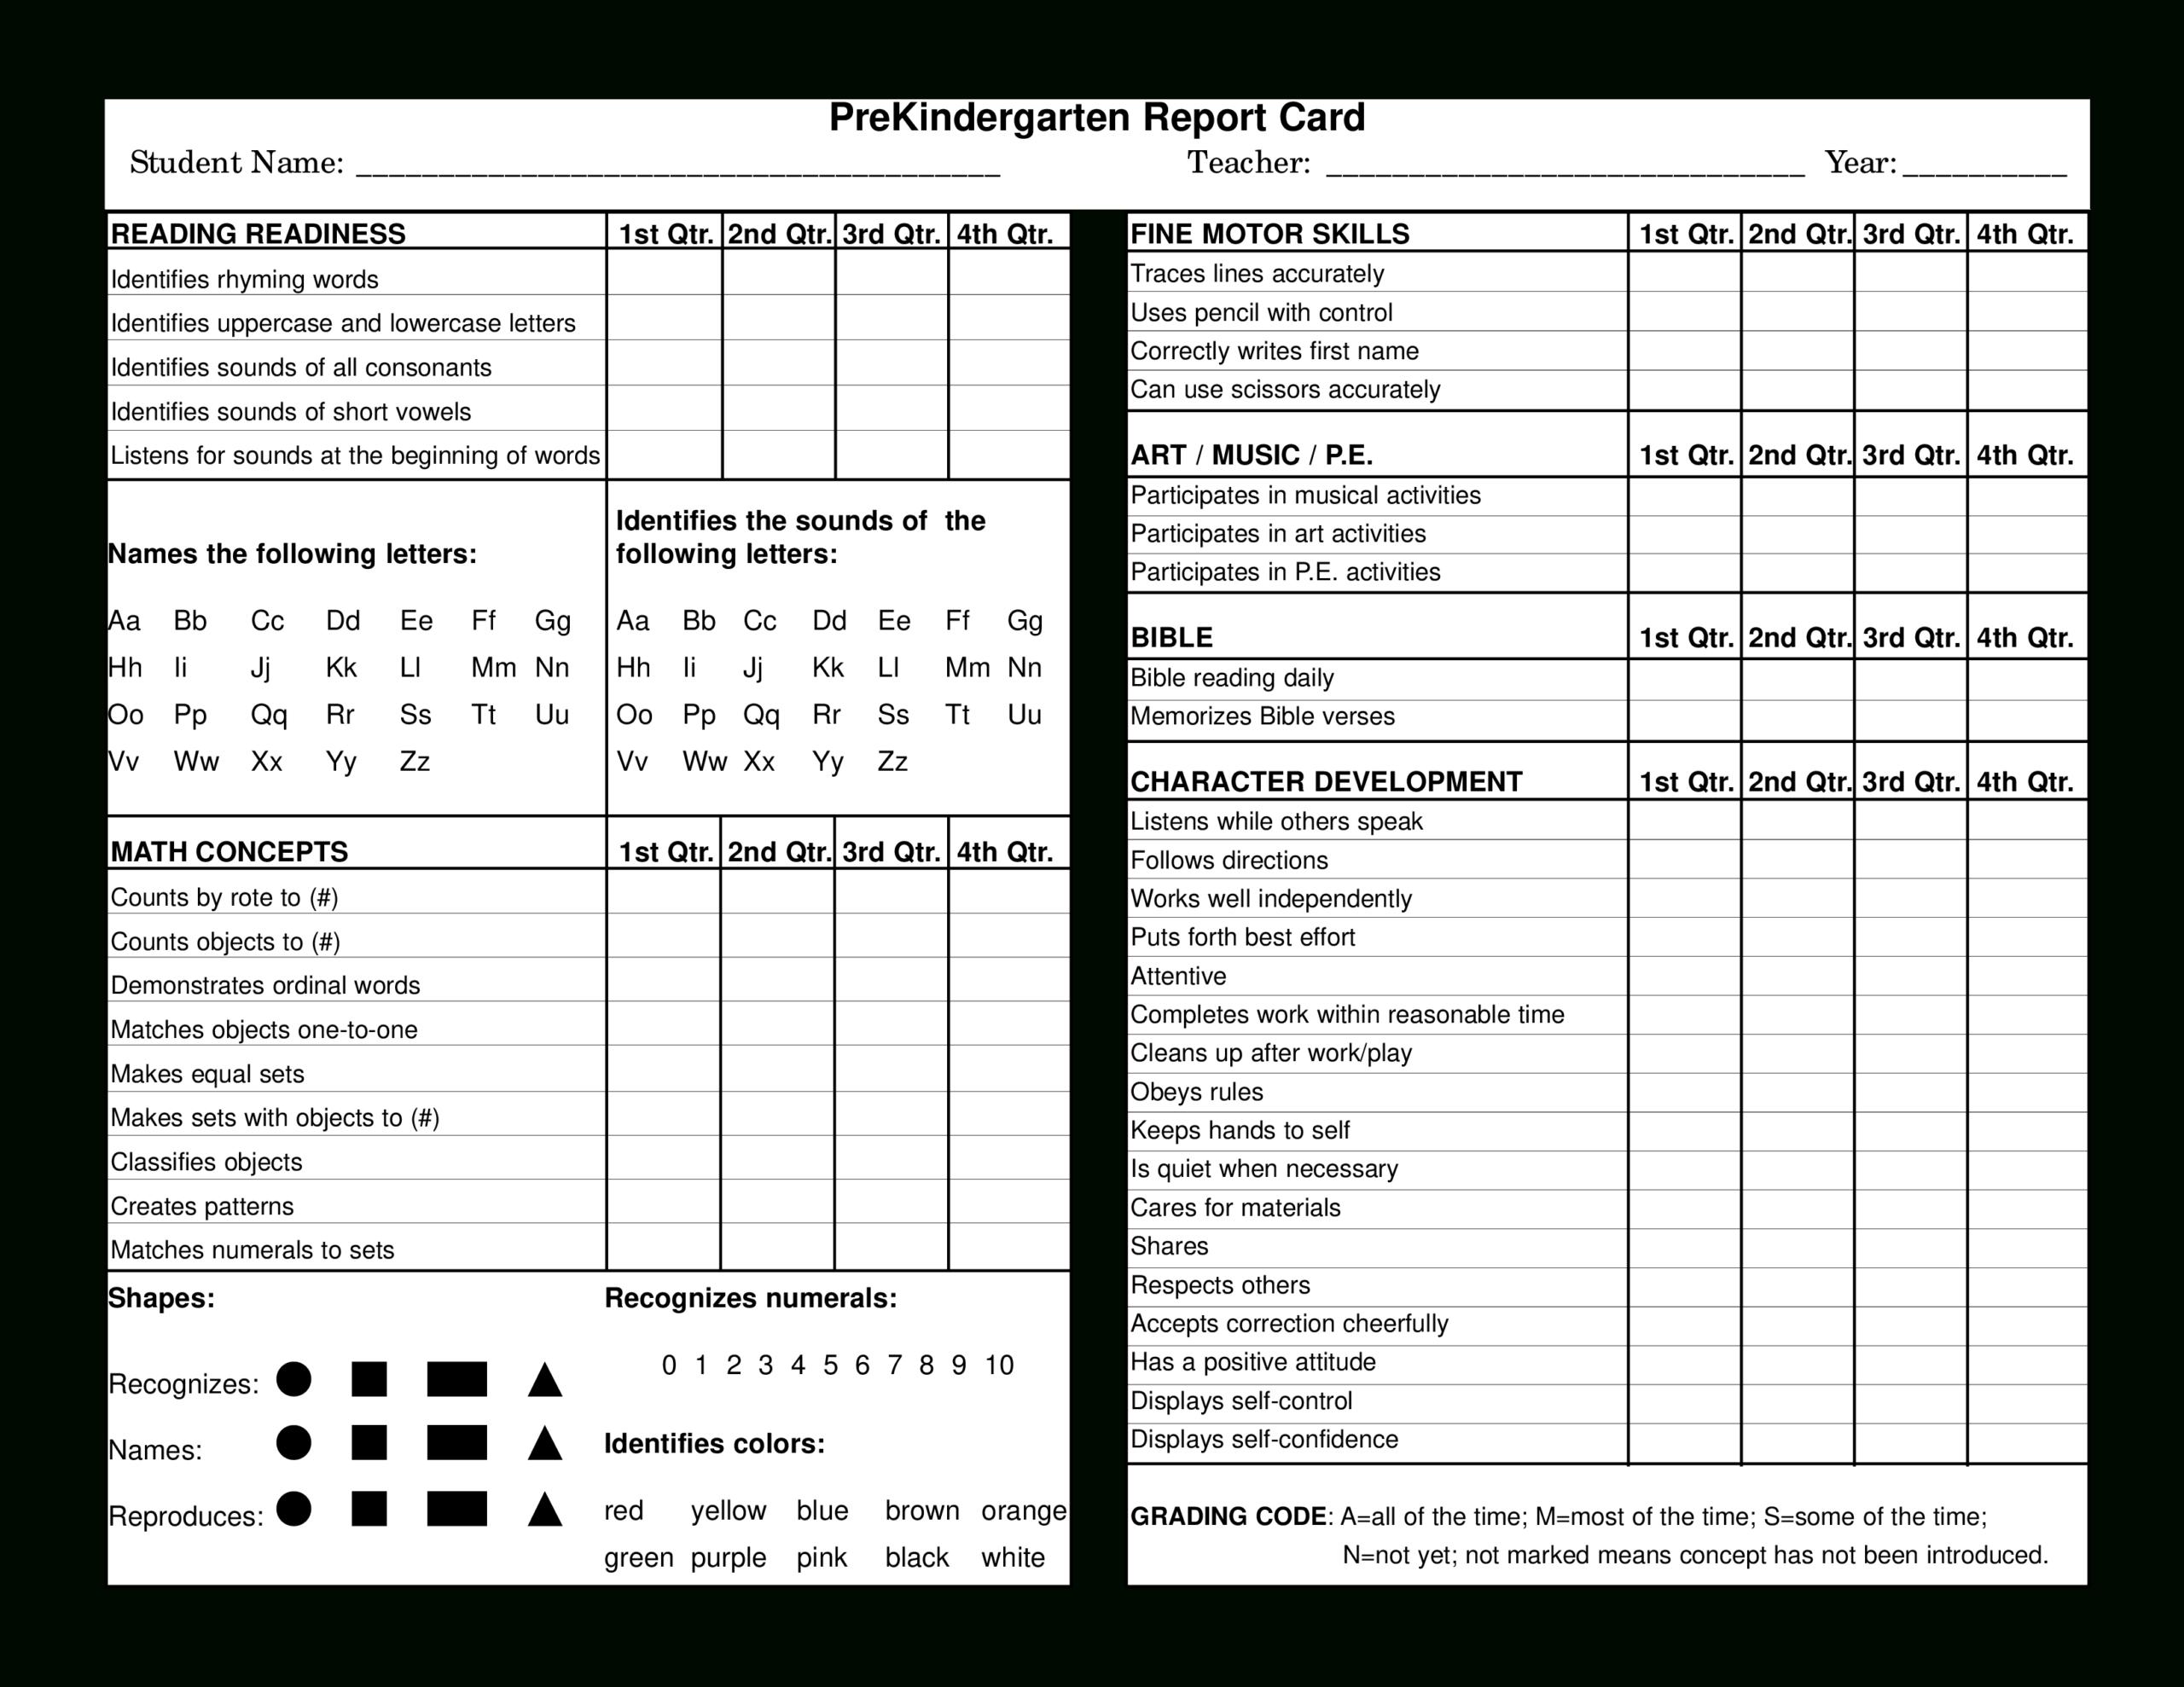 Preschool Report Card | Templates At Allbusinesstemplates For Character Report Card Template